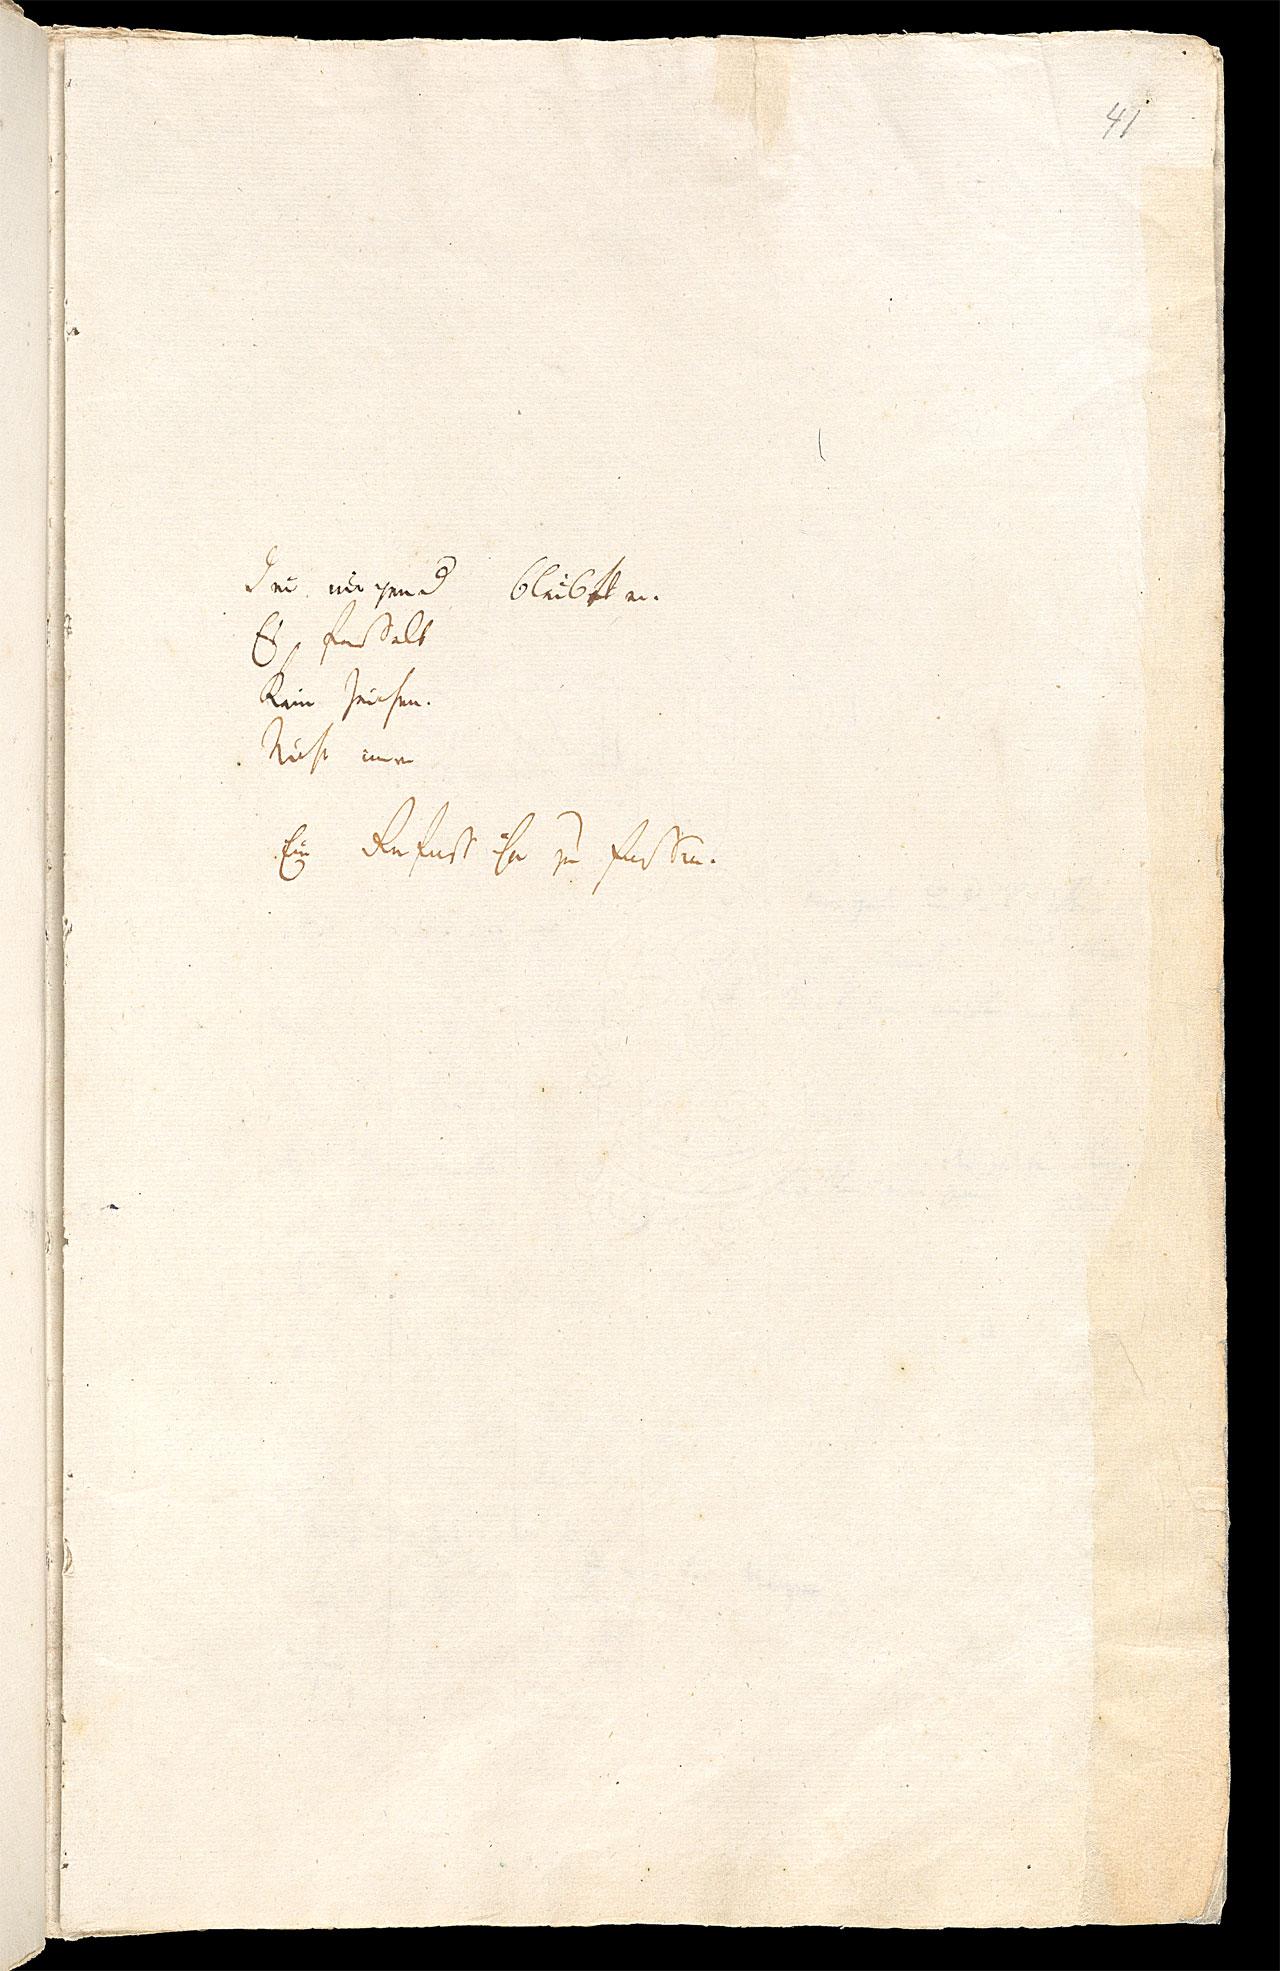 Friedrich Hölderlin, Homburger Folioheft, Seite 41, Denn nirgend bleibt er…, Handschrift